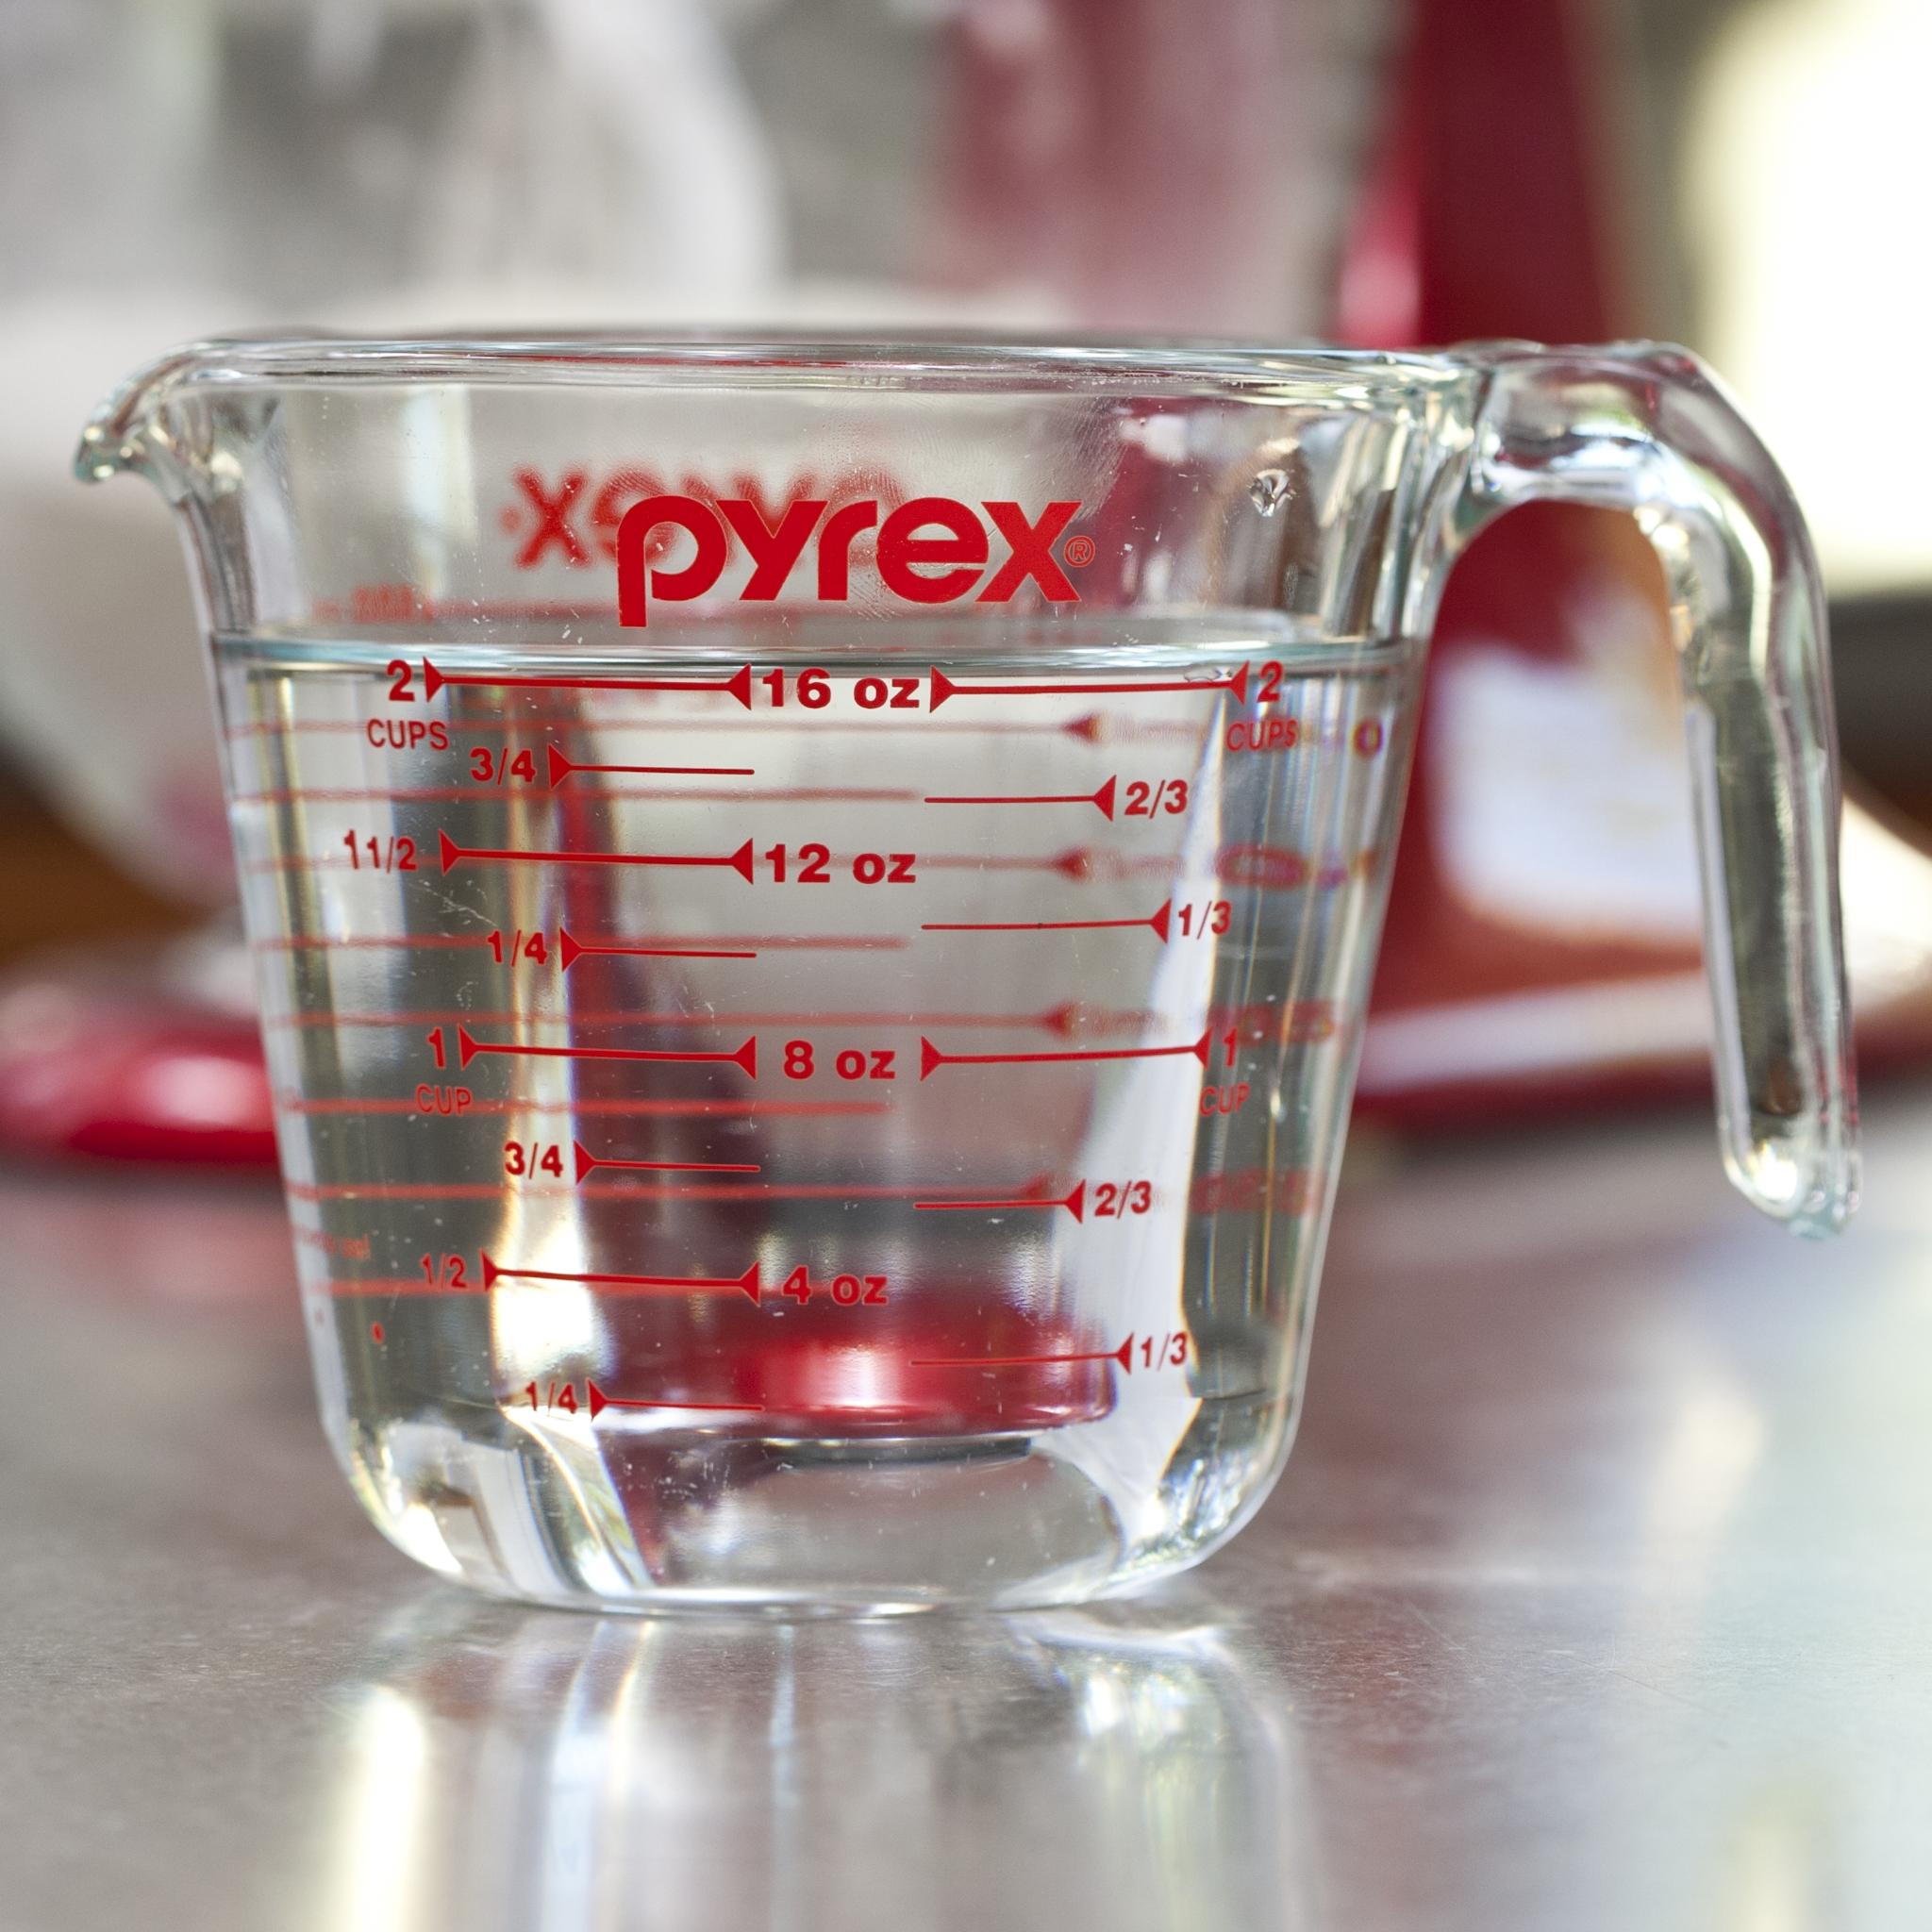 Half of 1 3/4 cup liquid